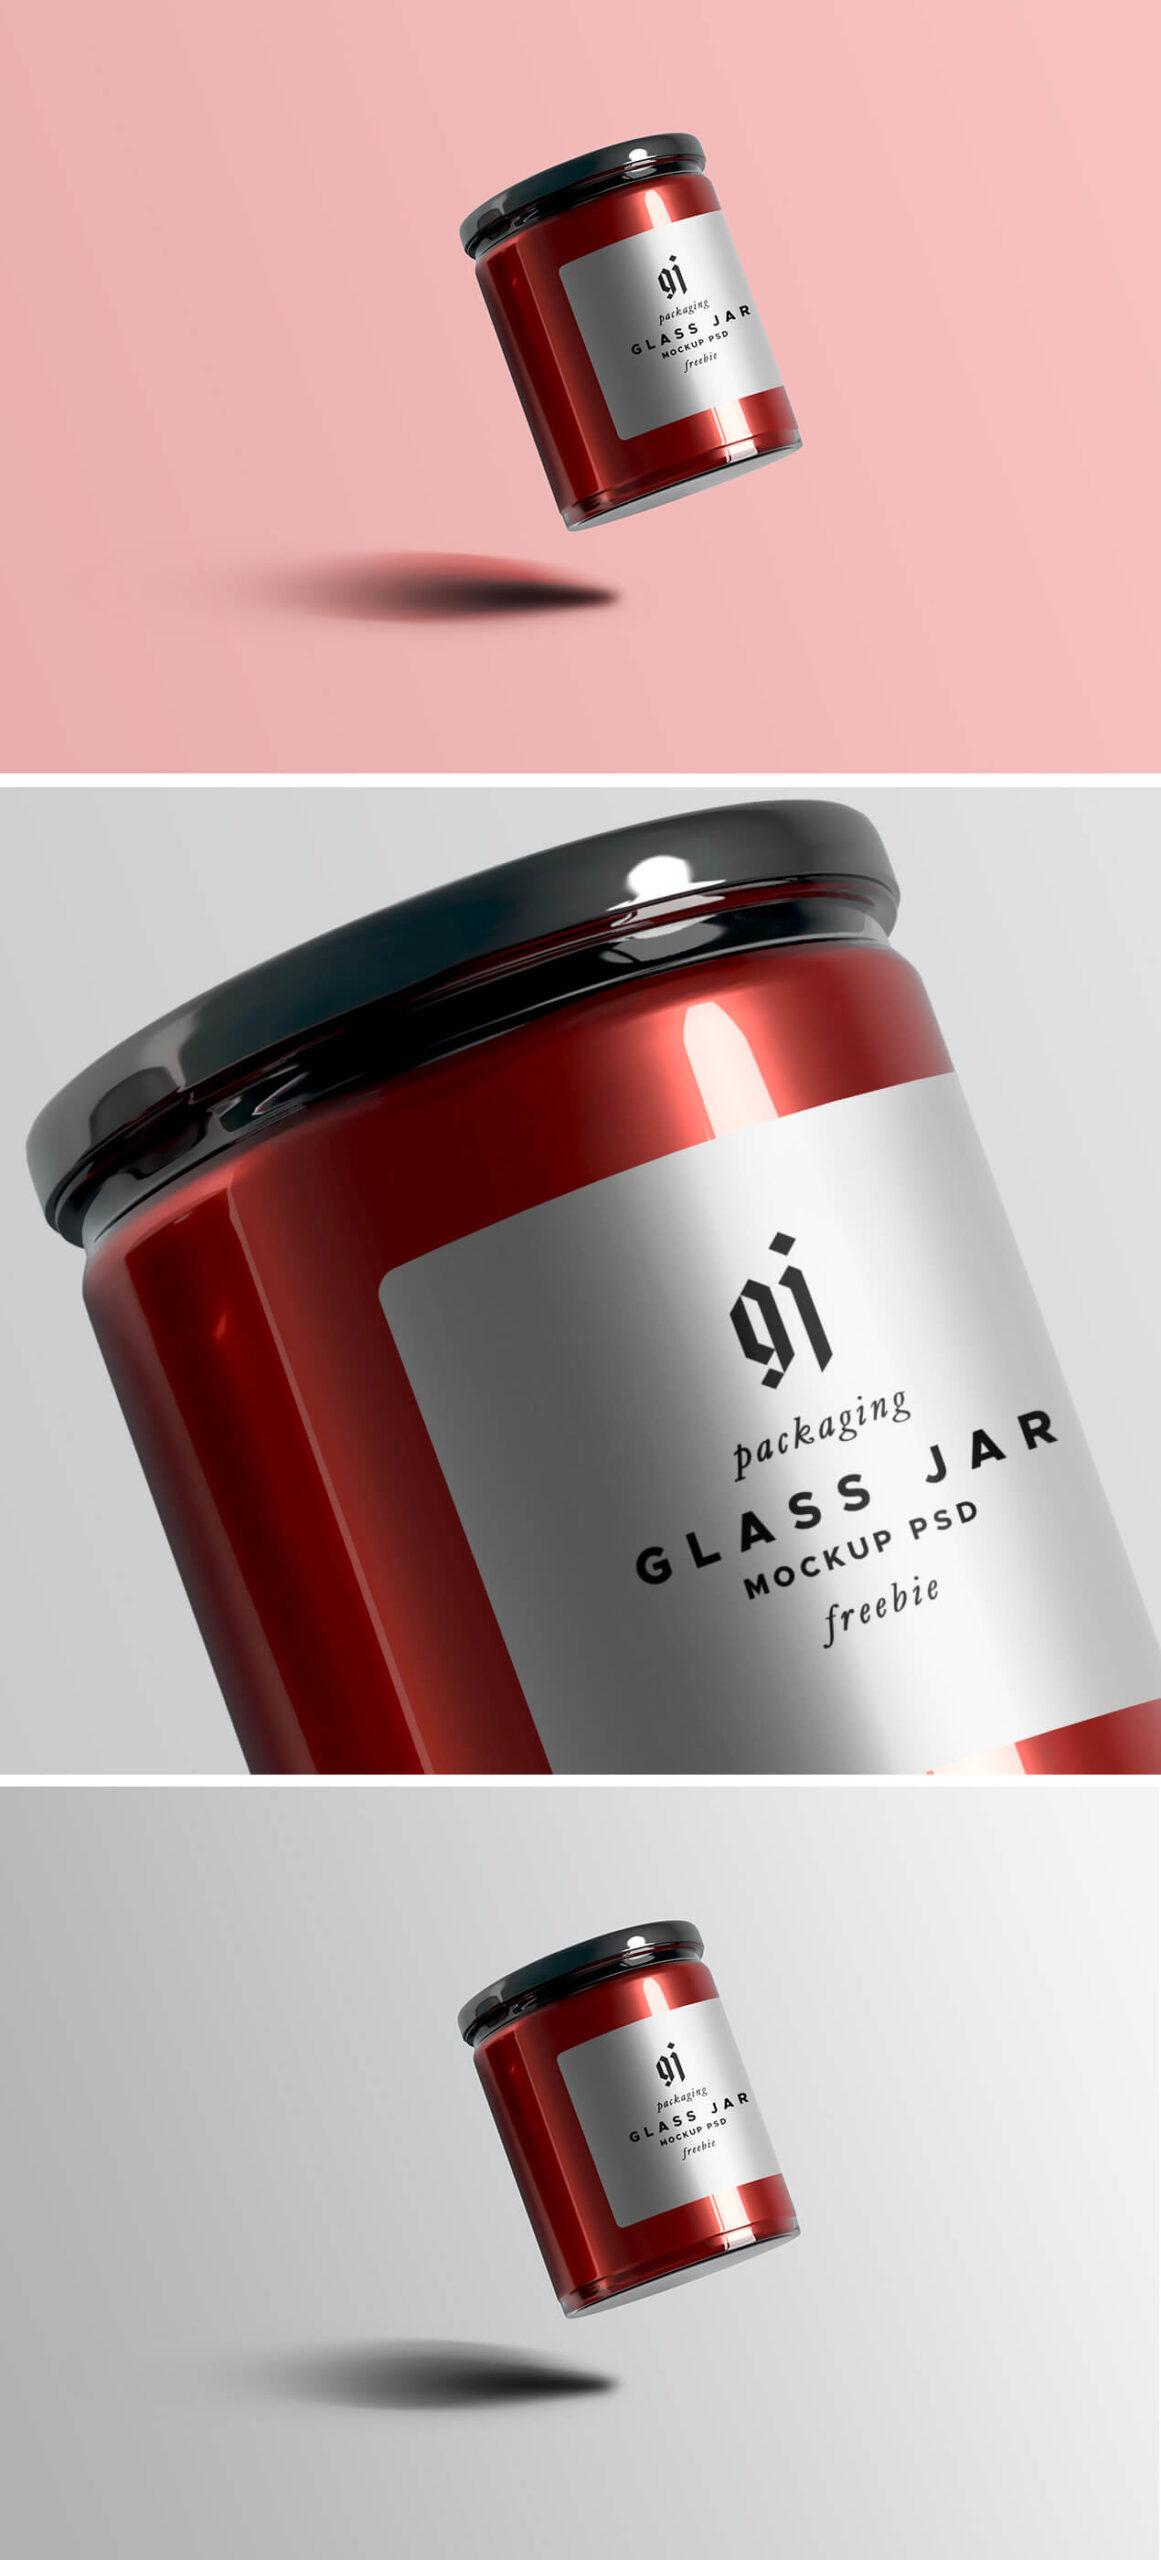 Free Awesome Glass Jar Mockup PSD Template1